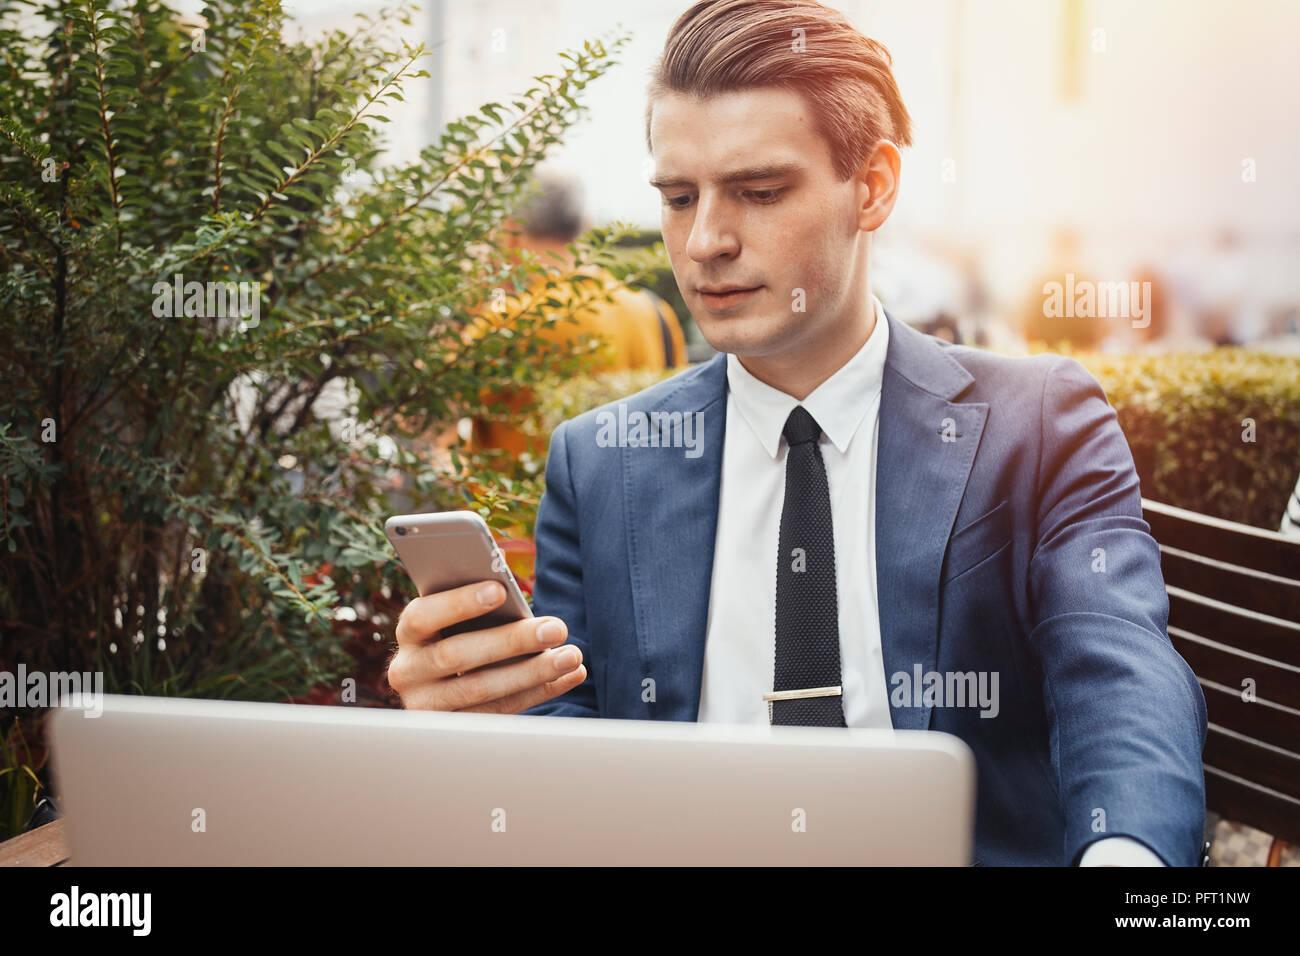 Junge Unternehmer mit Handy in der Hand und sitzt neben Laptop. Stockbild